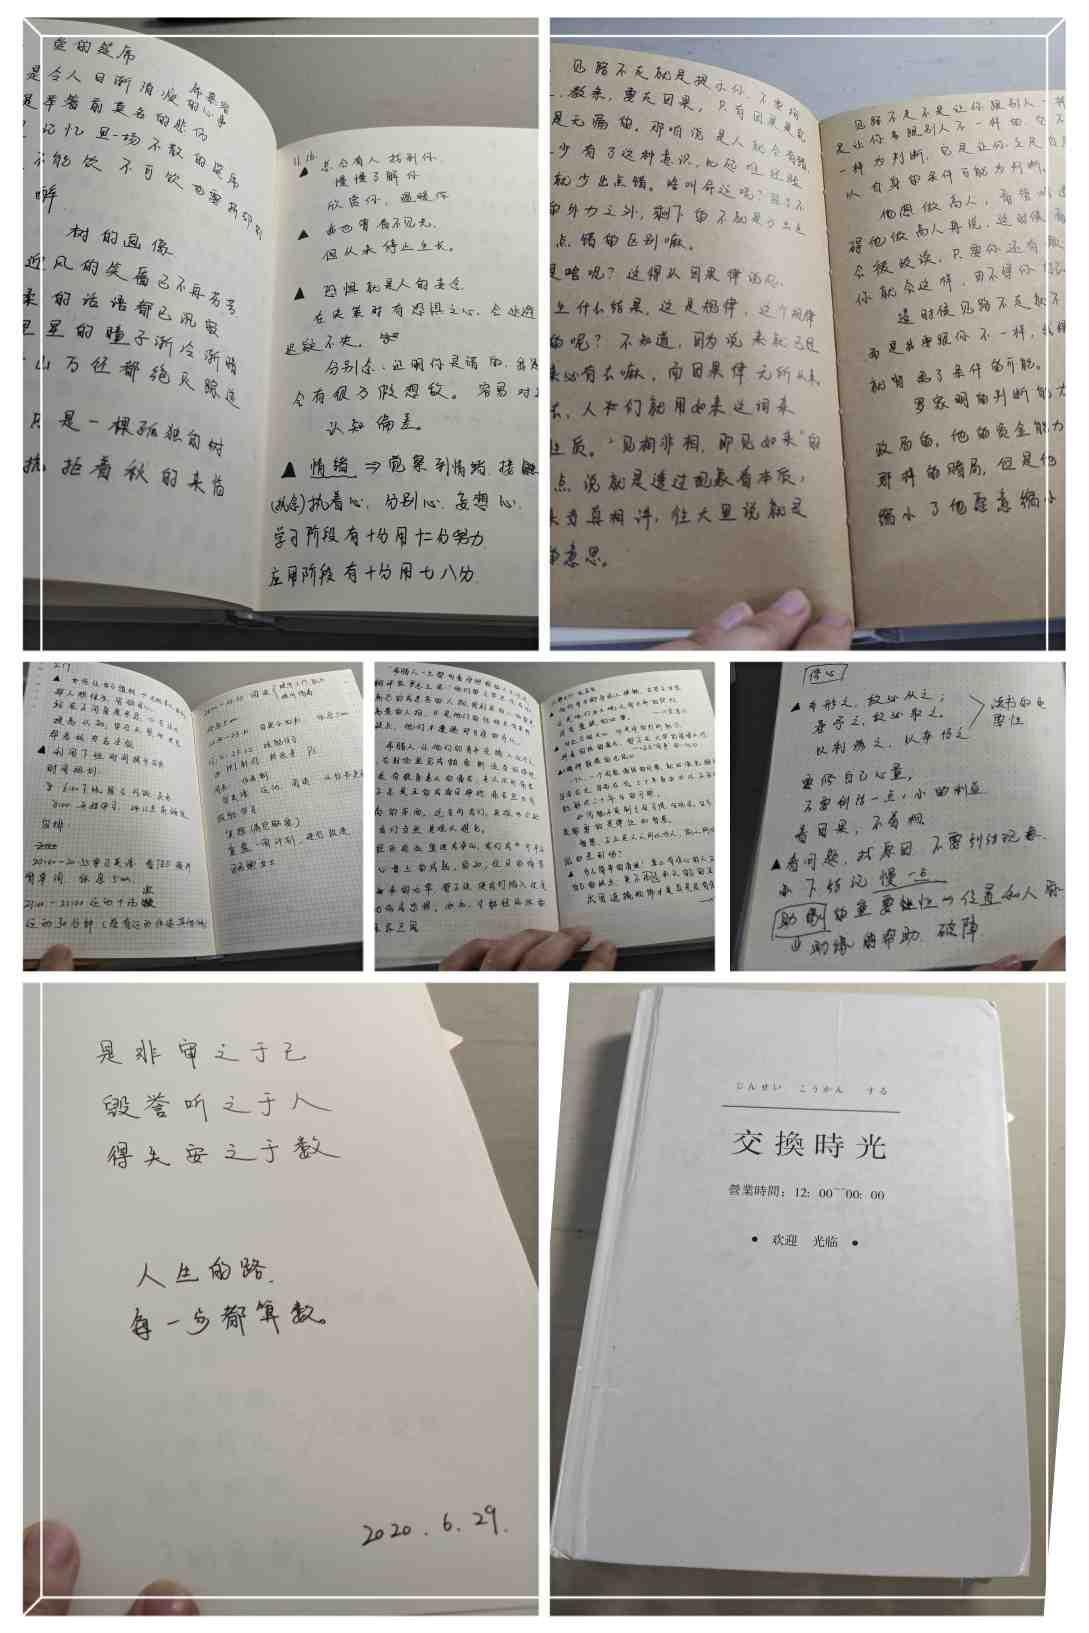 纪念用完的本子和开一个新本子